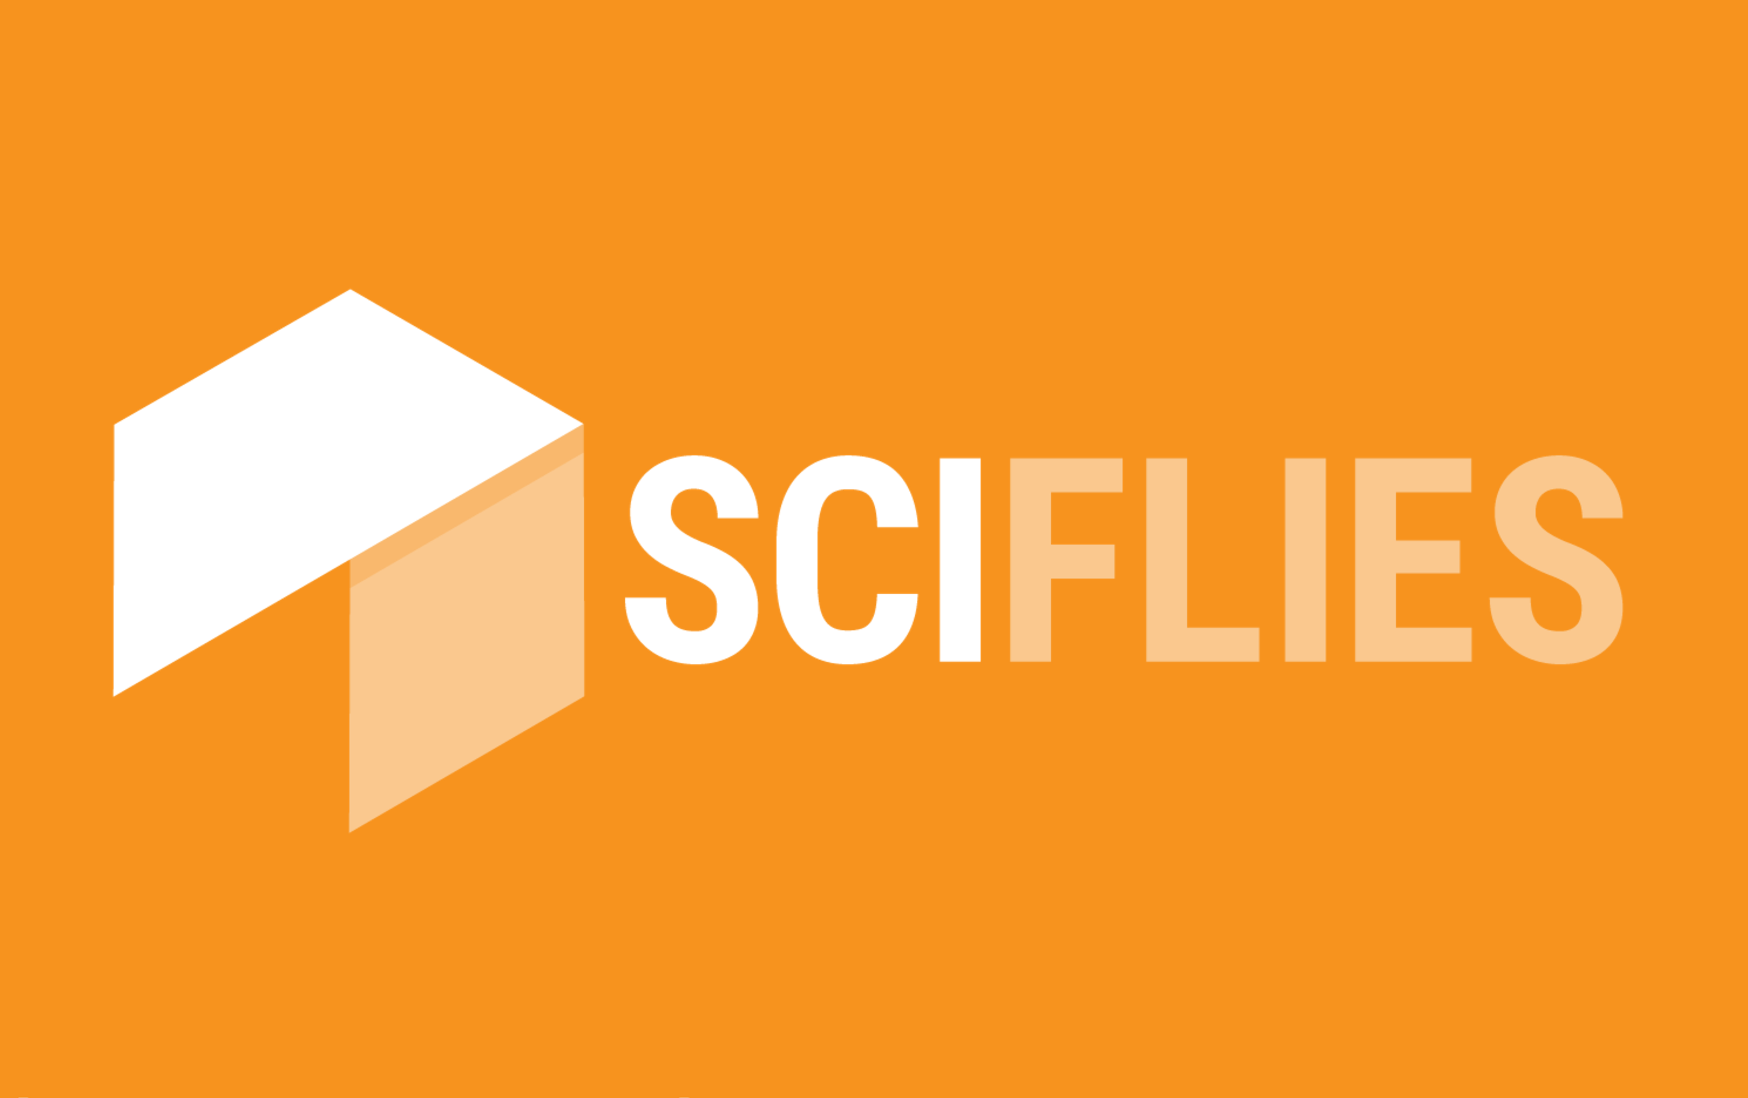 SciFlies